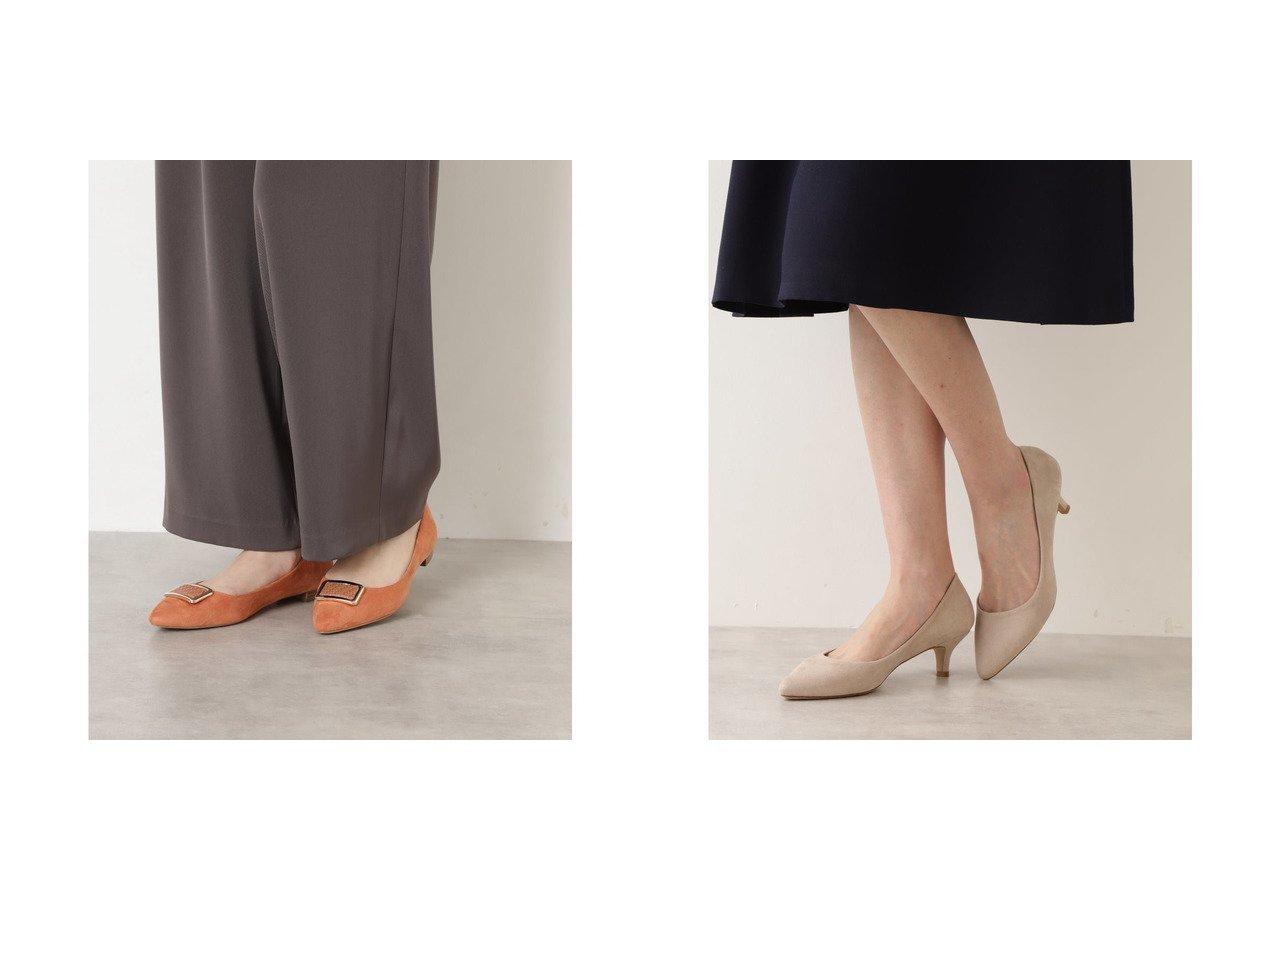 【NATURAL BEAUTY BASIC/ナチュラル ビューティー ベーシック】のエンボスバックルカッター&撥水エアリーパンプス シューズ・靴のおすすめ!人気、トレンド・レディースファッションの通販  おすすめで人気の流行・トレンド、ファッションの通販商品 メンズファッション・キッズファッション・インテリア・家具・レディースファッション・服の通販 founy(ファニー) https://founy.com/ ファッション Fashion レディースファッション WOMEN バッグ Bag 2021年 2021 2021 春夏 S/S SS Spring/Summer 2021 S/S 春夏 SS Spring/Summer シューズ メッシュ 春 Spring  ID:crp329100000019263